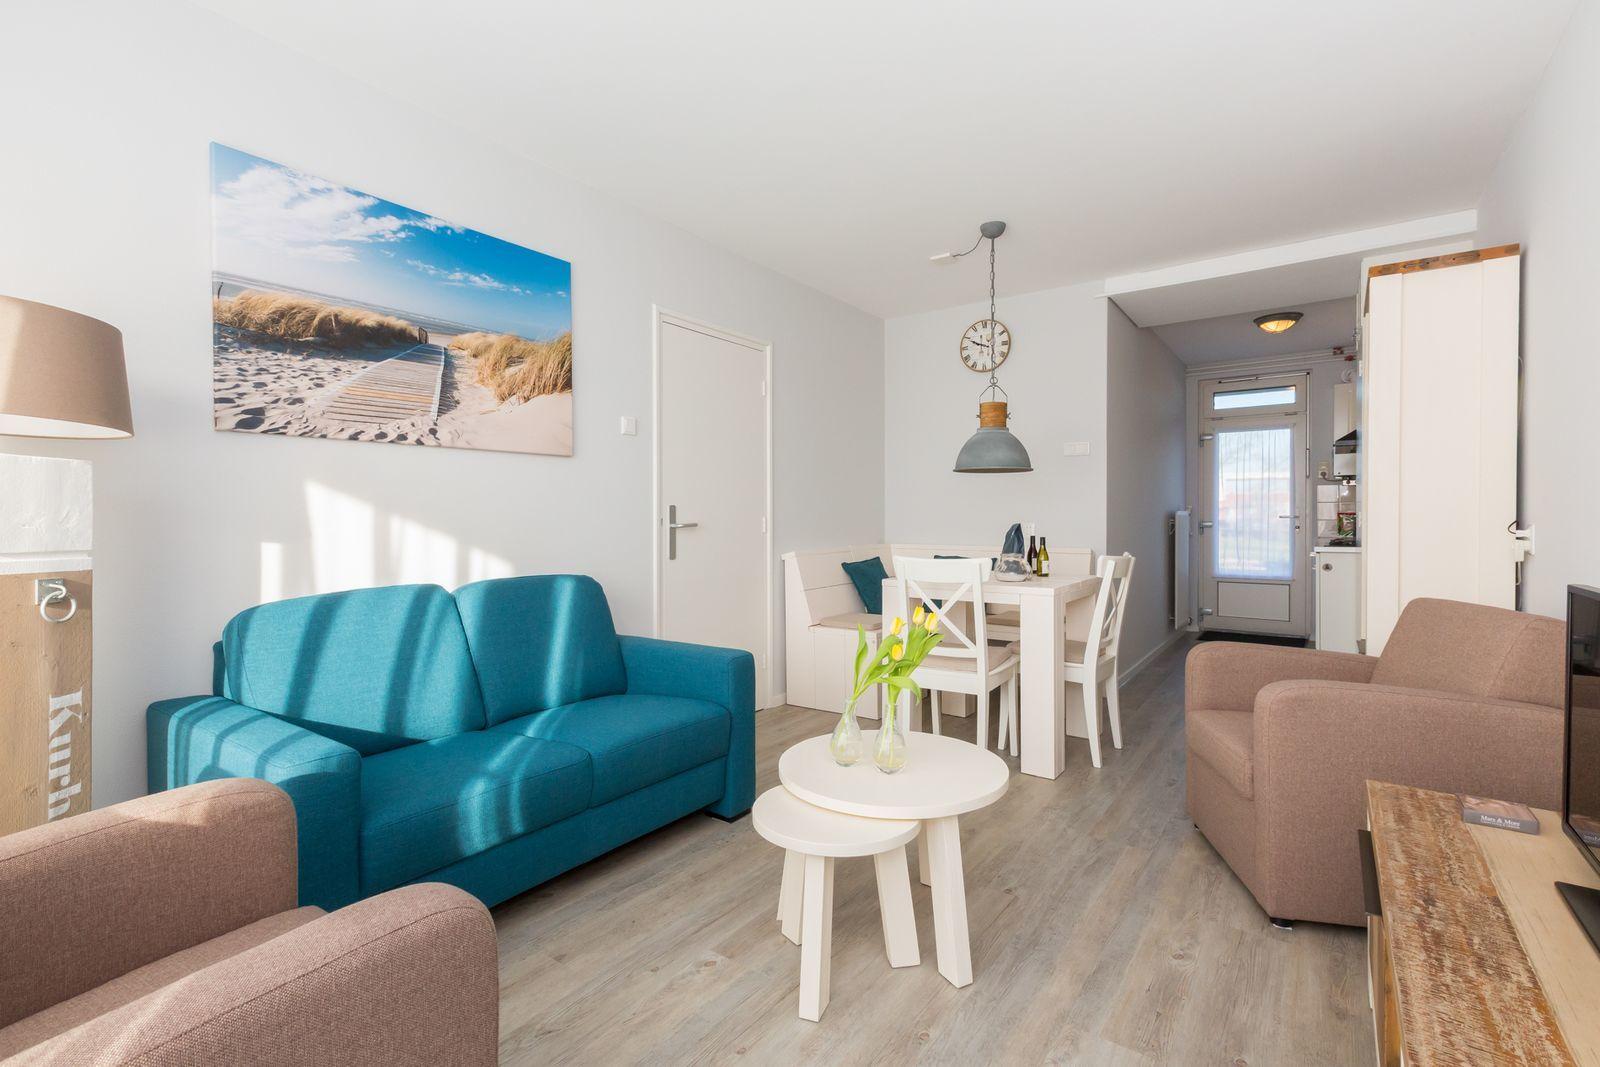 Appartement - Nieuwstraat 1 | Zoutelande Kurhaus